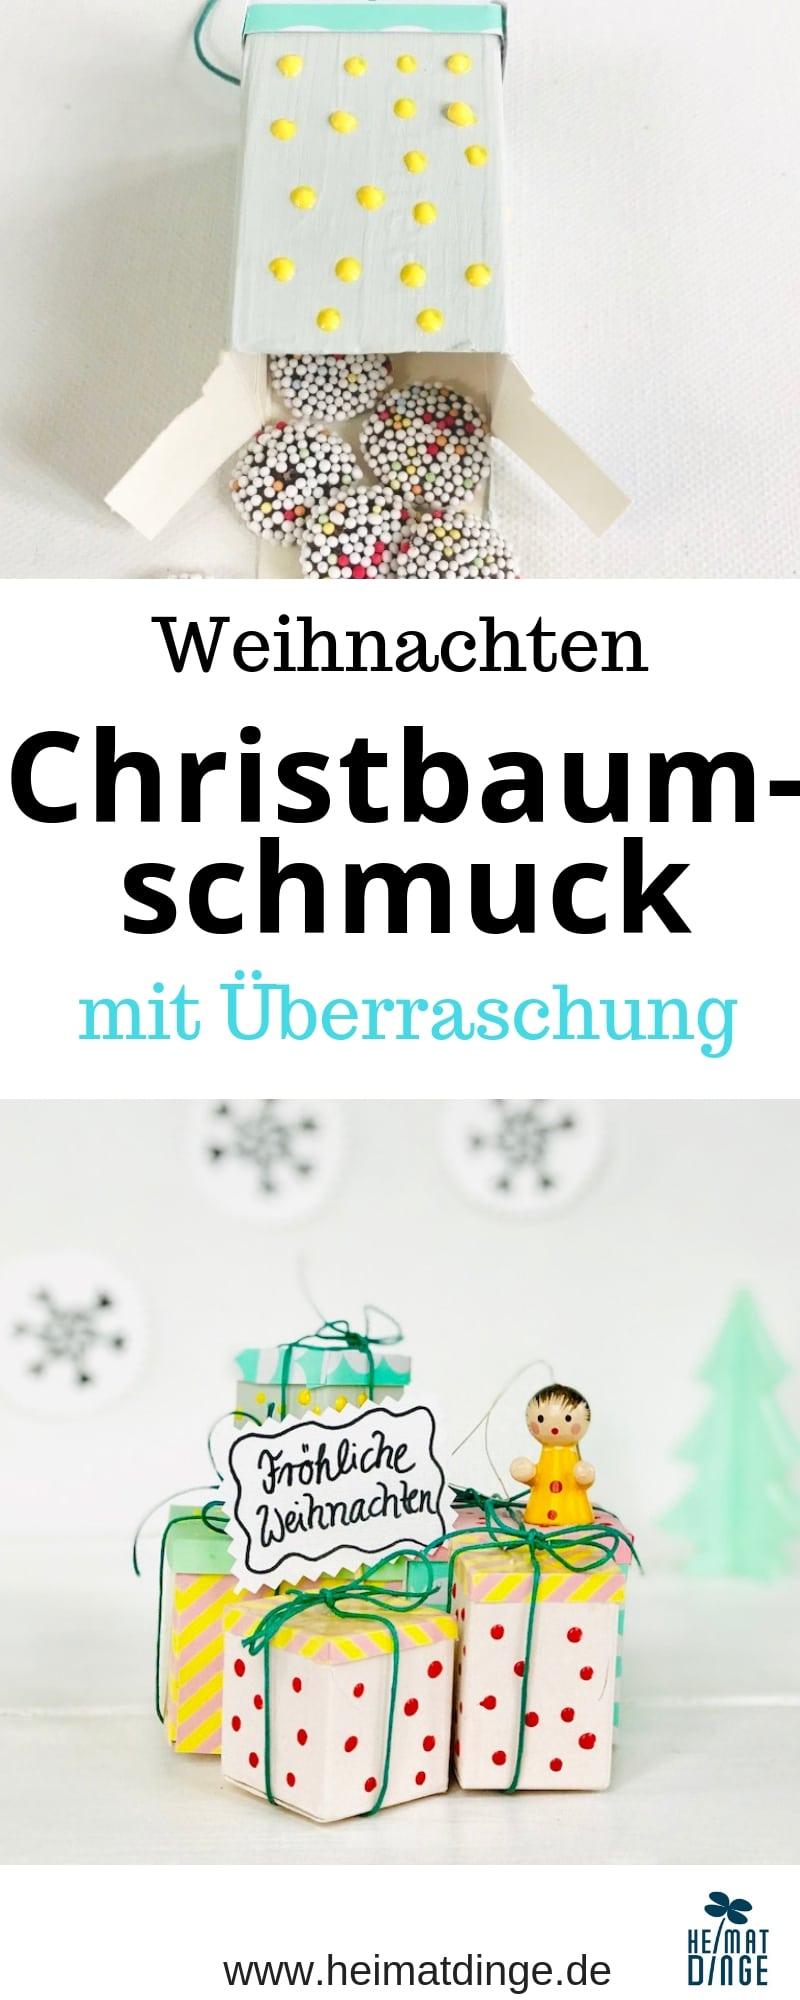 DIY Christbaumschmuck mit Suessigkeiten, selbermachen, Upcycling, Weihnachtsschmuck